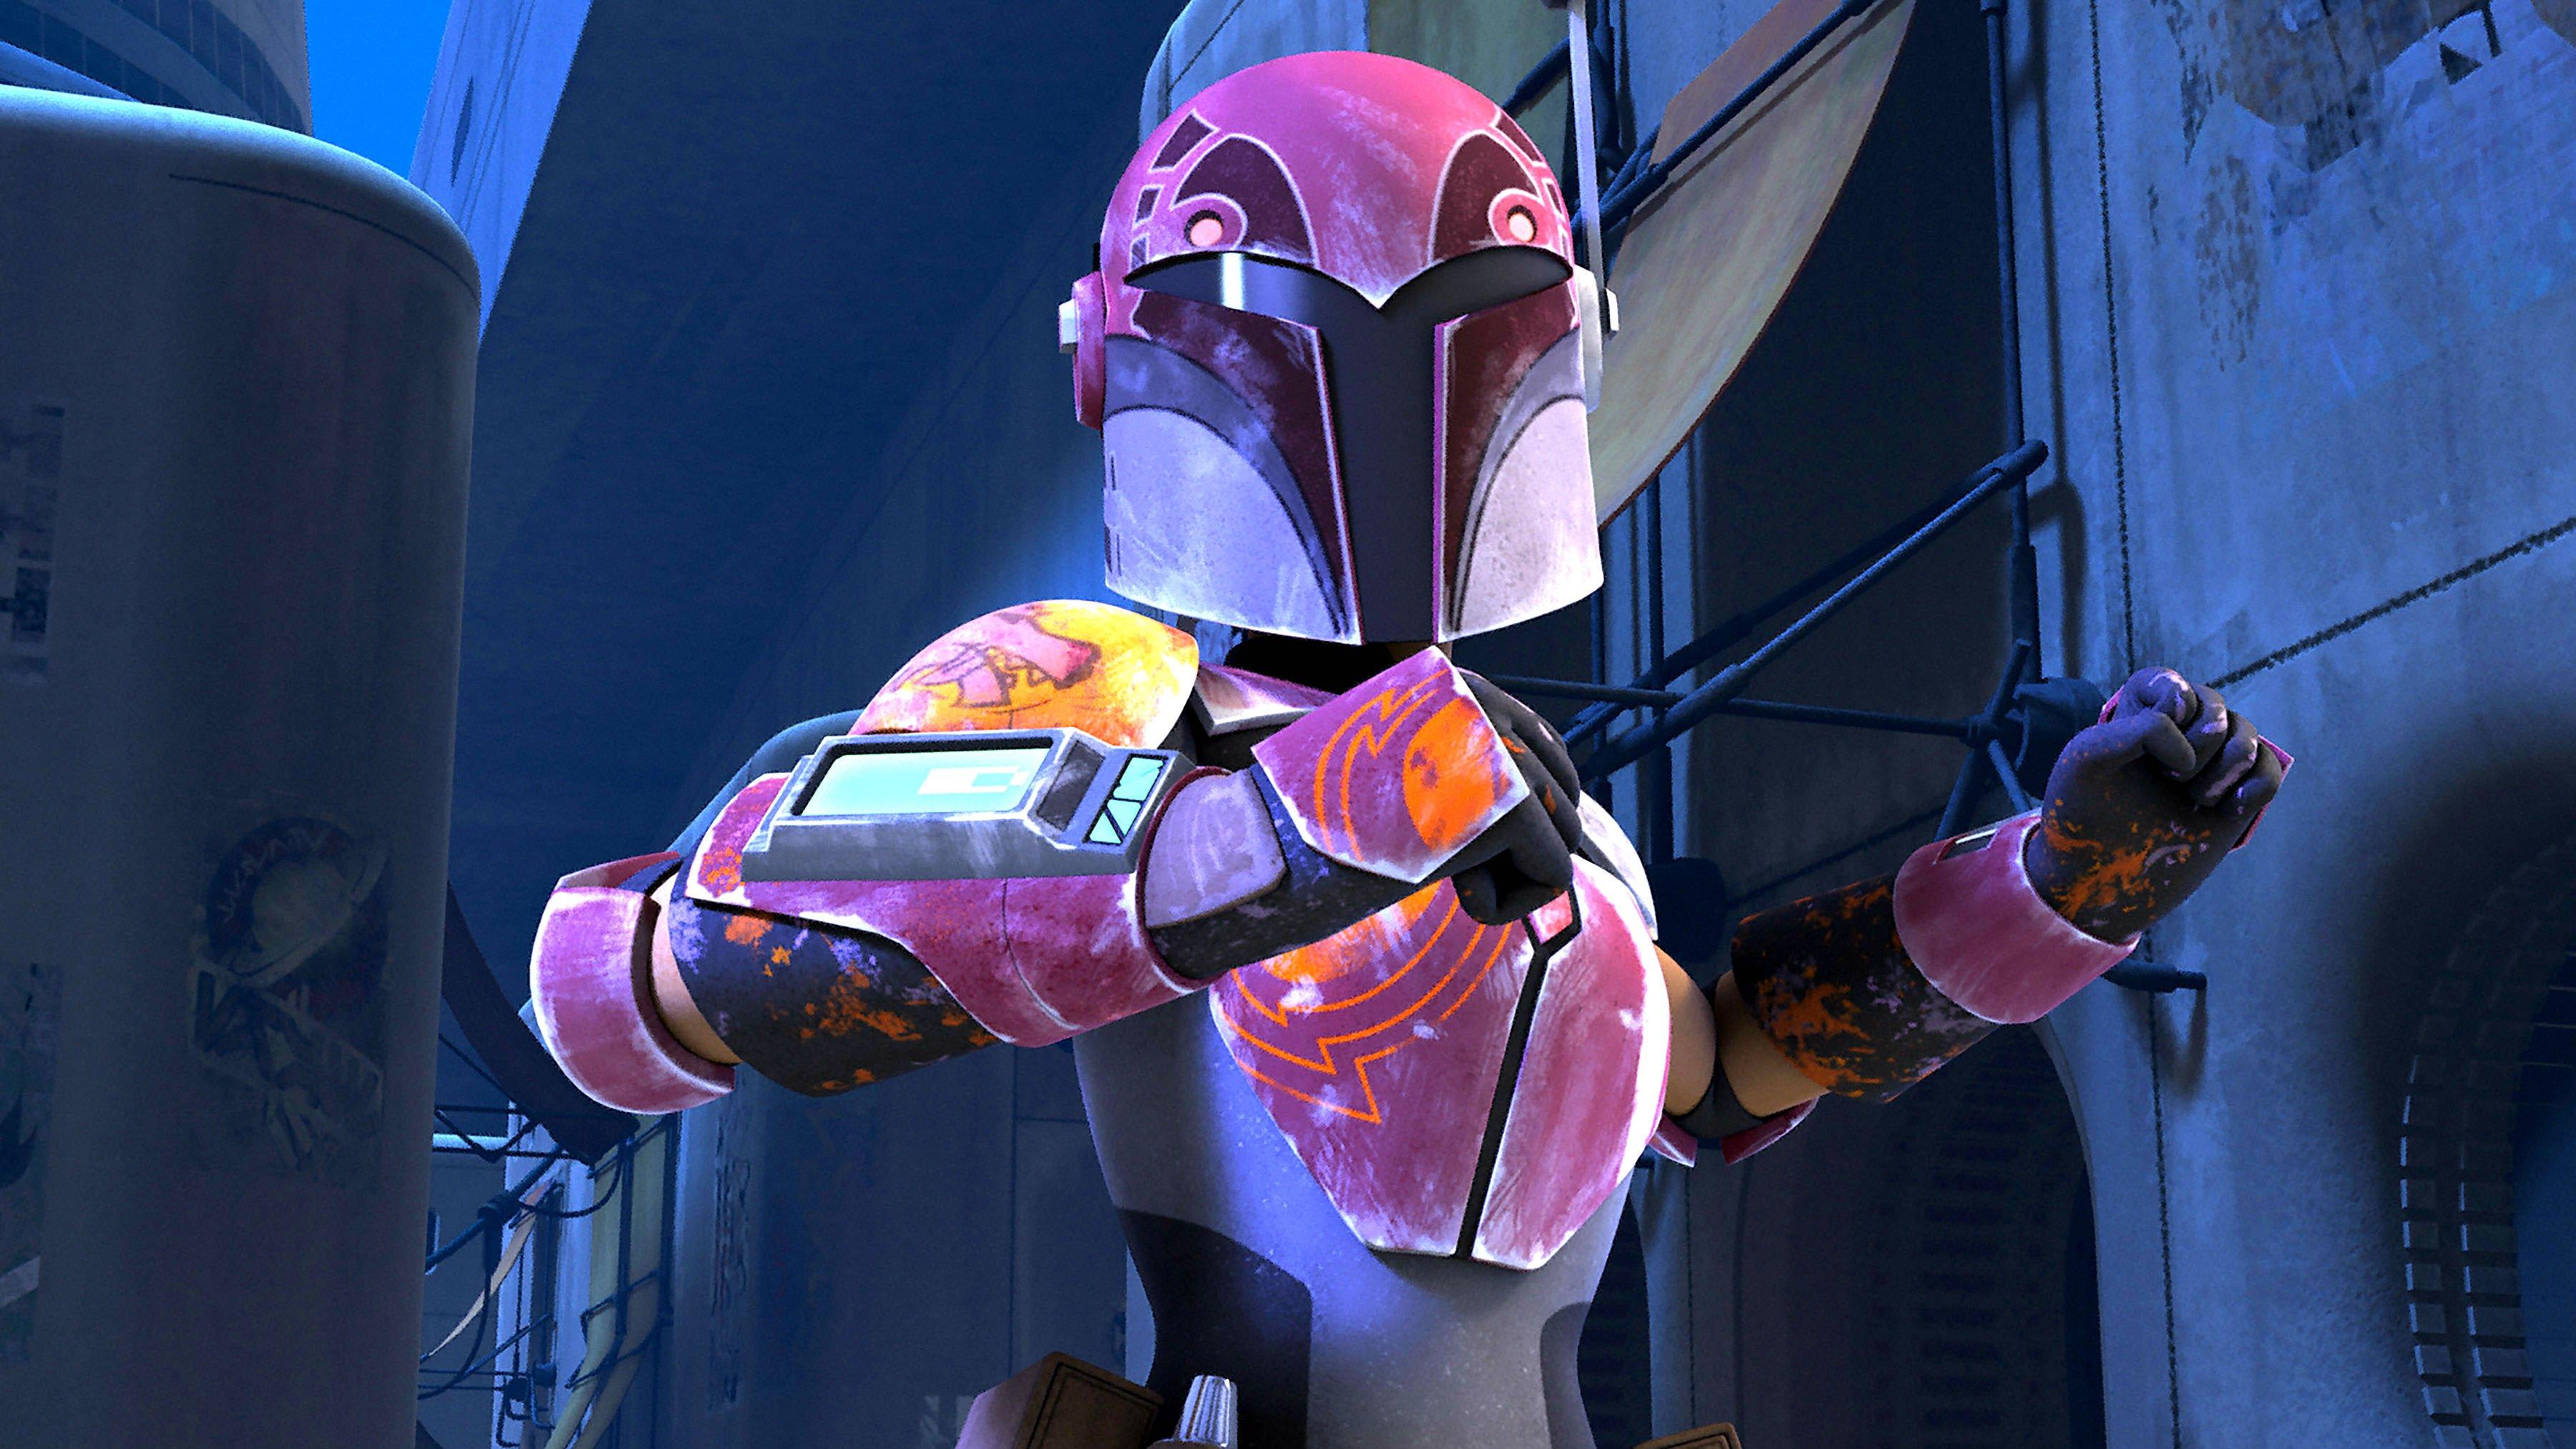 Star Wars Rebels Wallpaper - WallpaperSafari